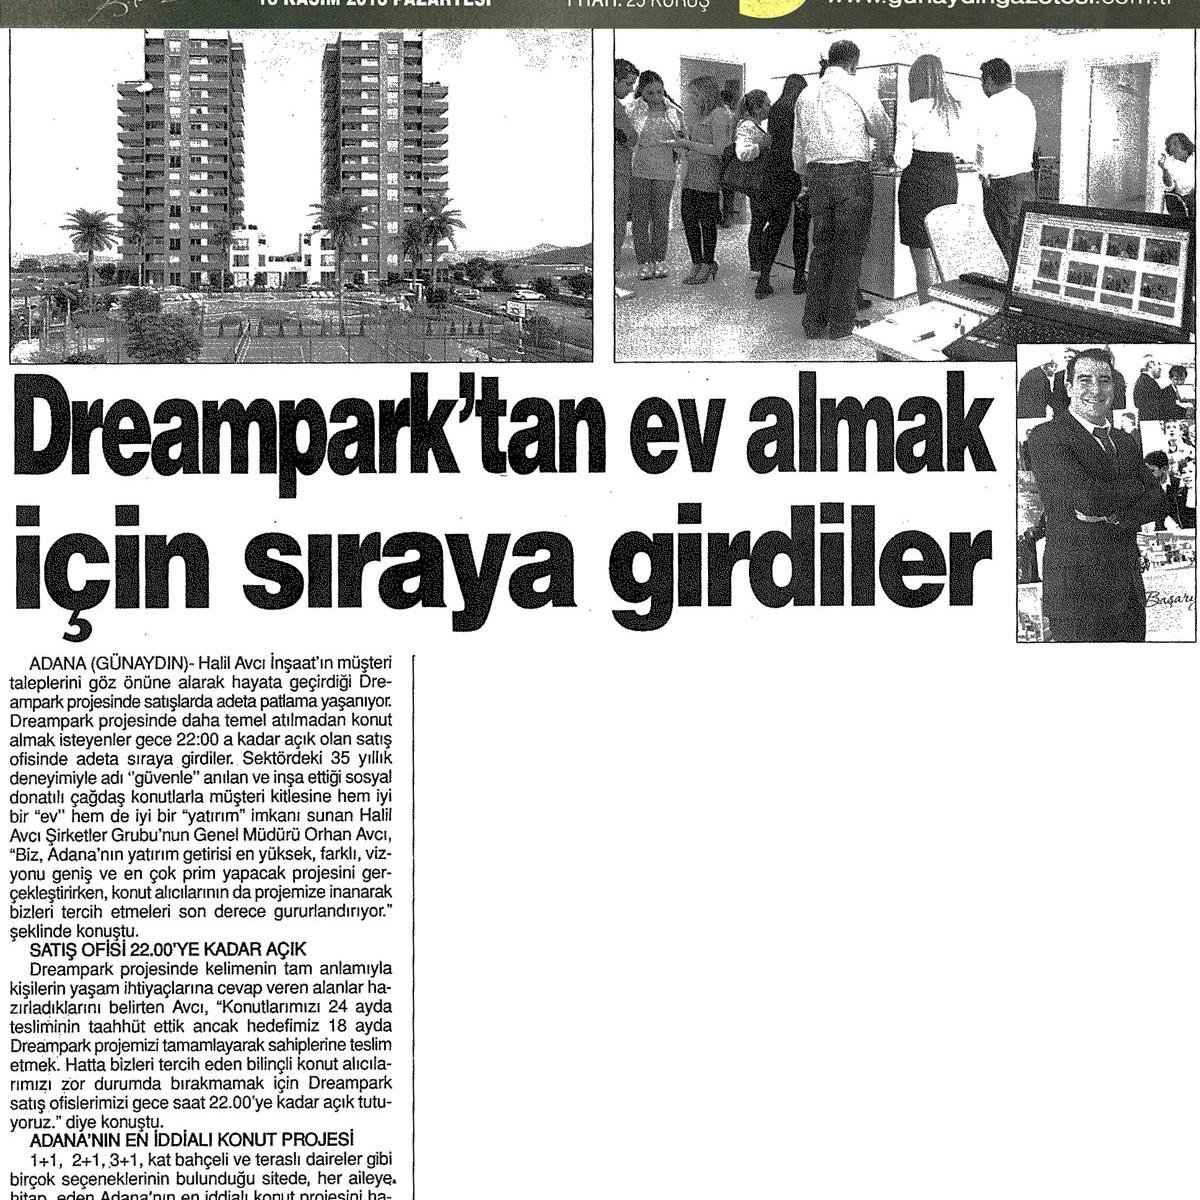 Dreampark'tan ev almak için sıraya girdiler – Günaydın